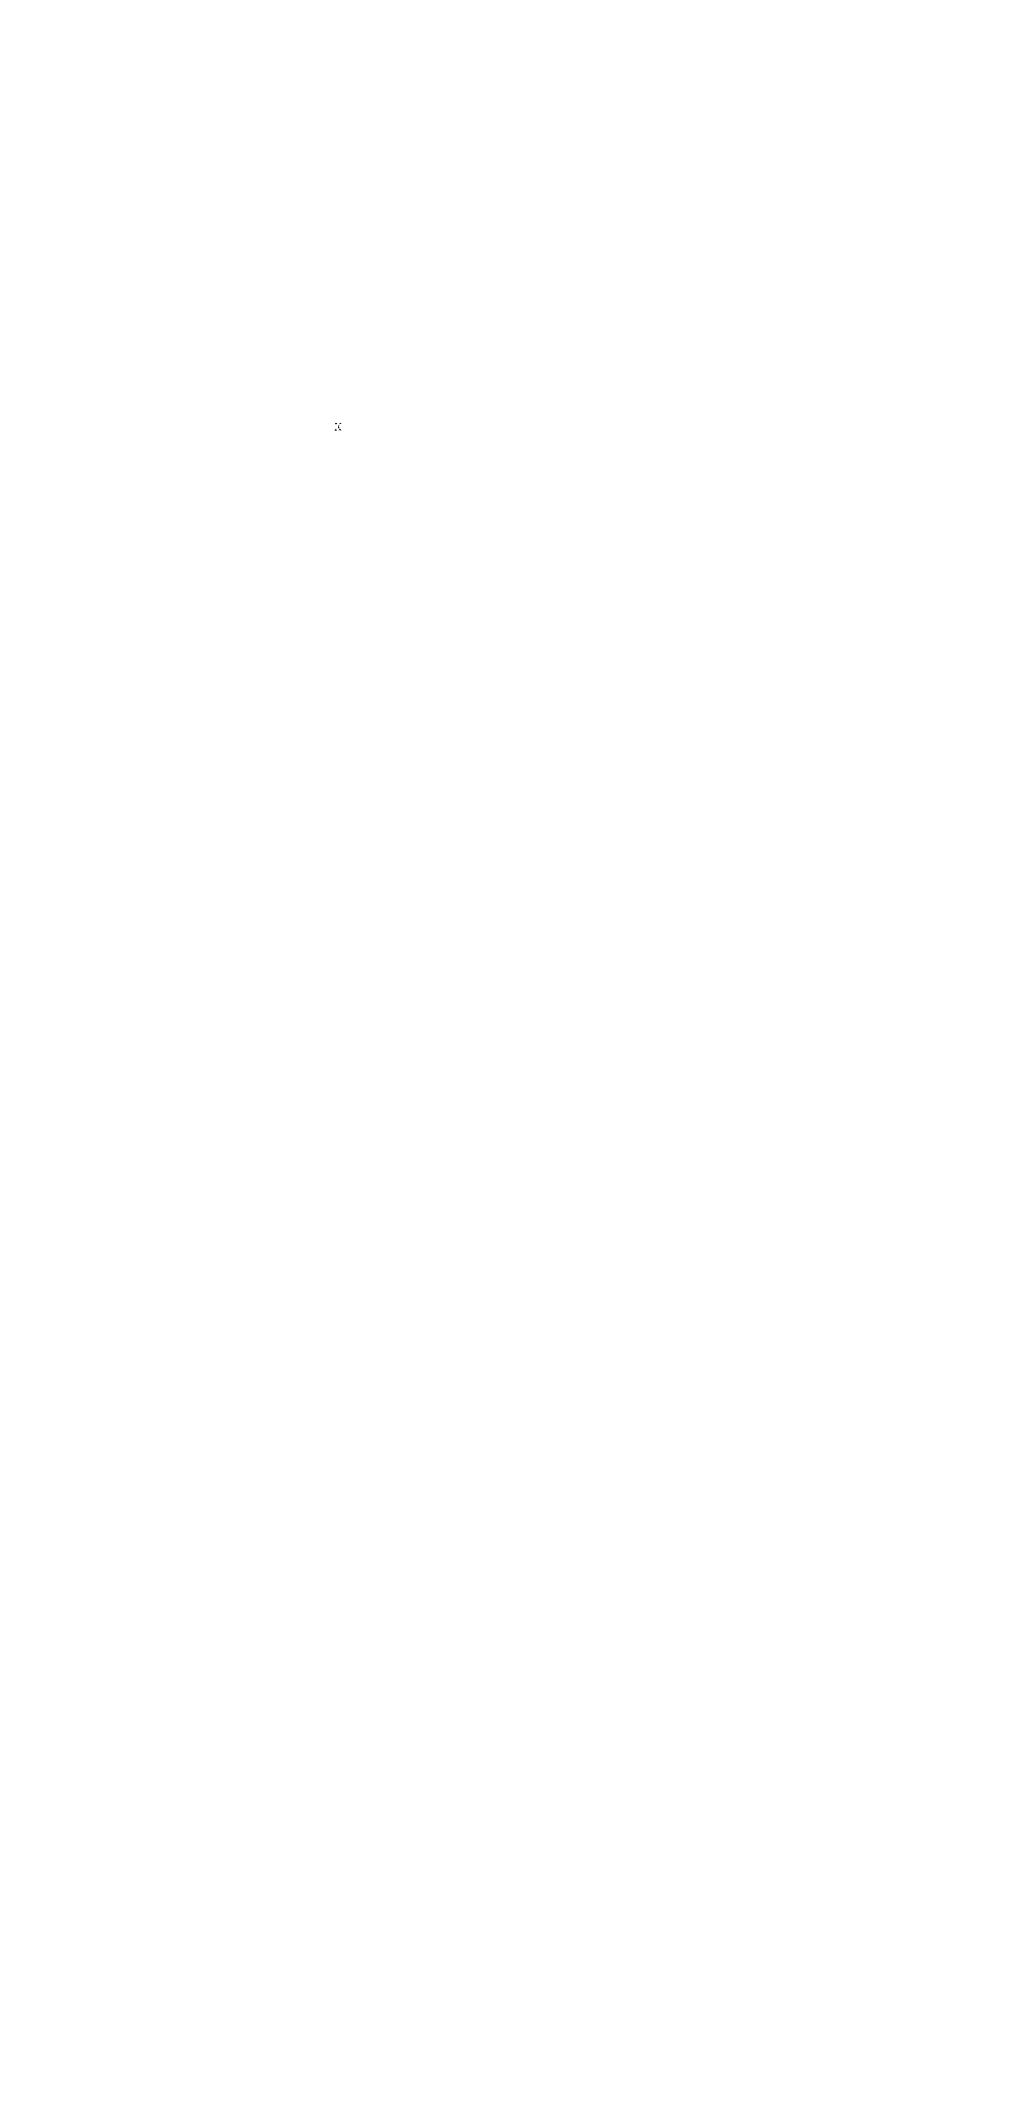 HP プロフ_アートボード 1-02.png